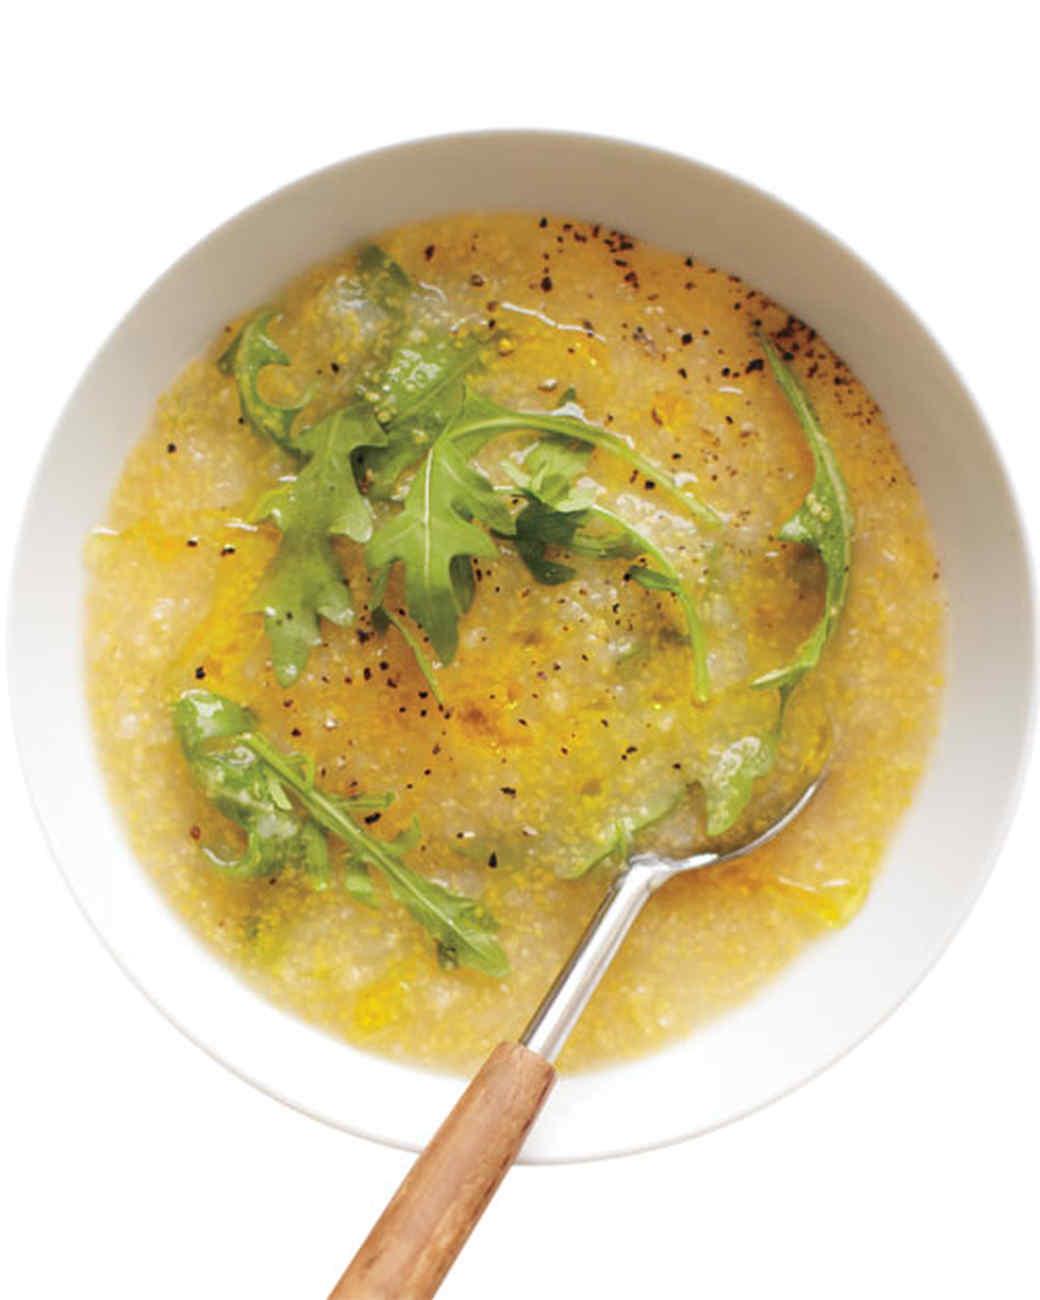 Lemon-Arugula Soup